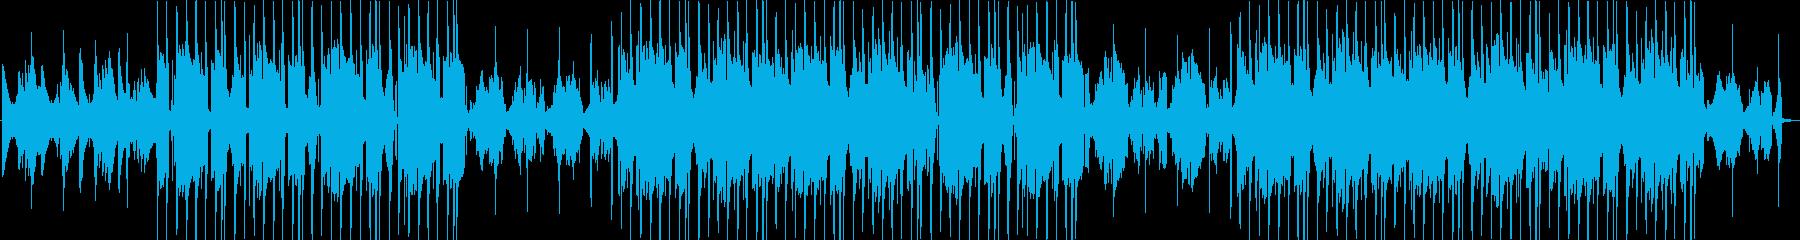 [オシャレさん必須]チルHipHopの再生済みの波形